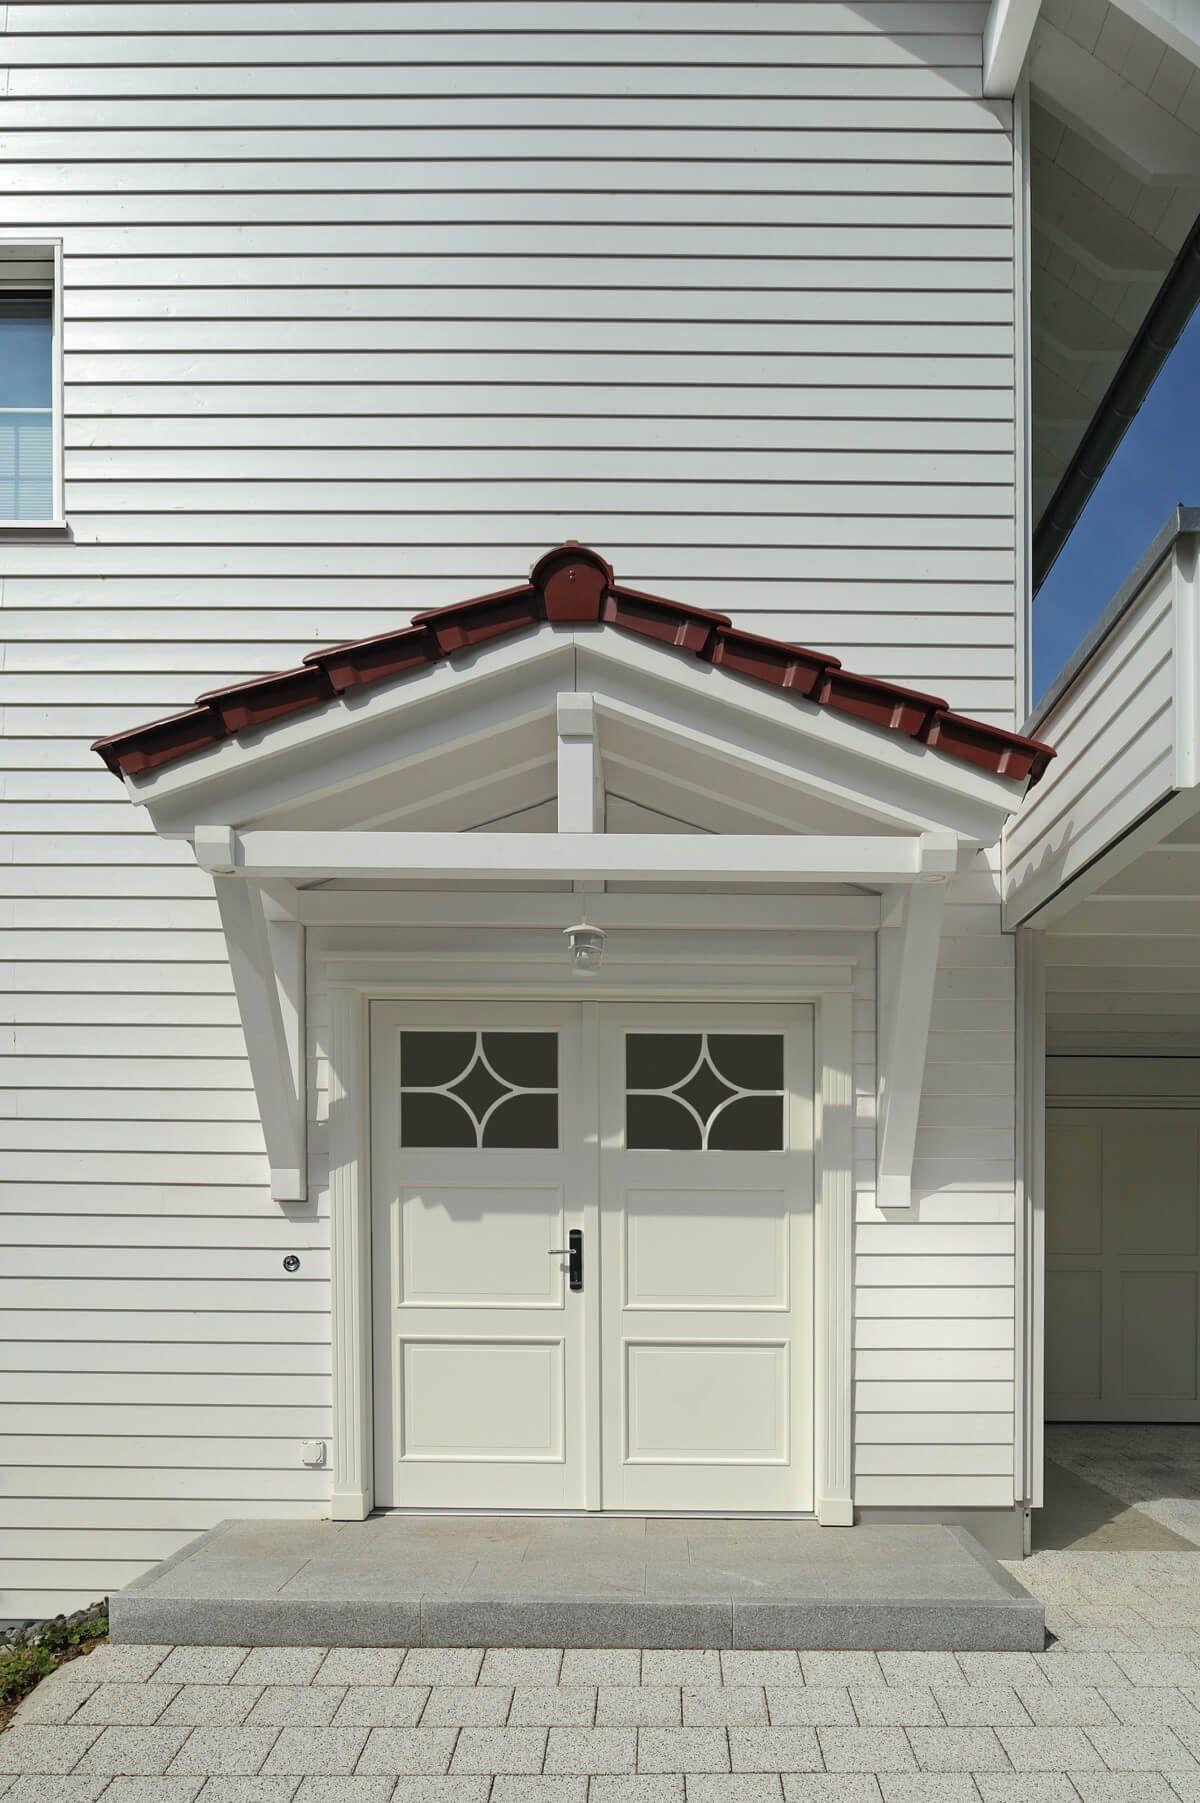 Attraktiv Amerikanisches Landhaus Das Beste Von Eingang überdacht Im Stil - Architektur Detail